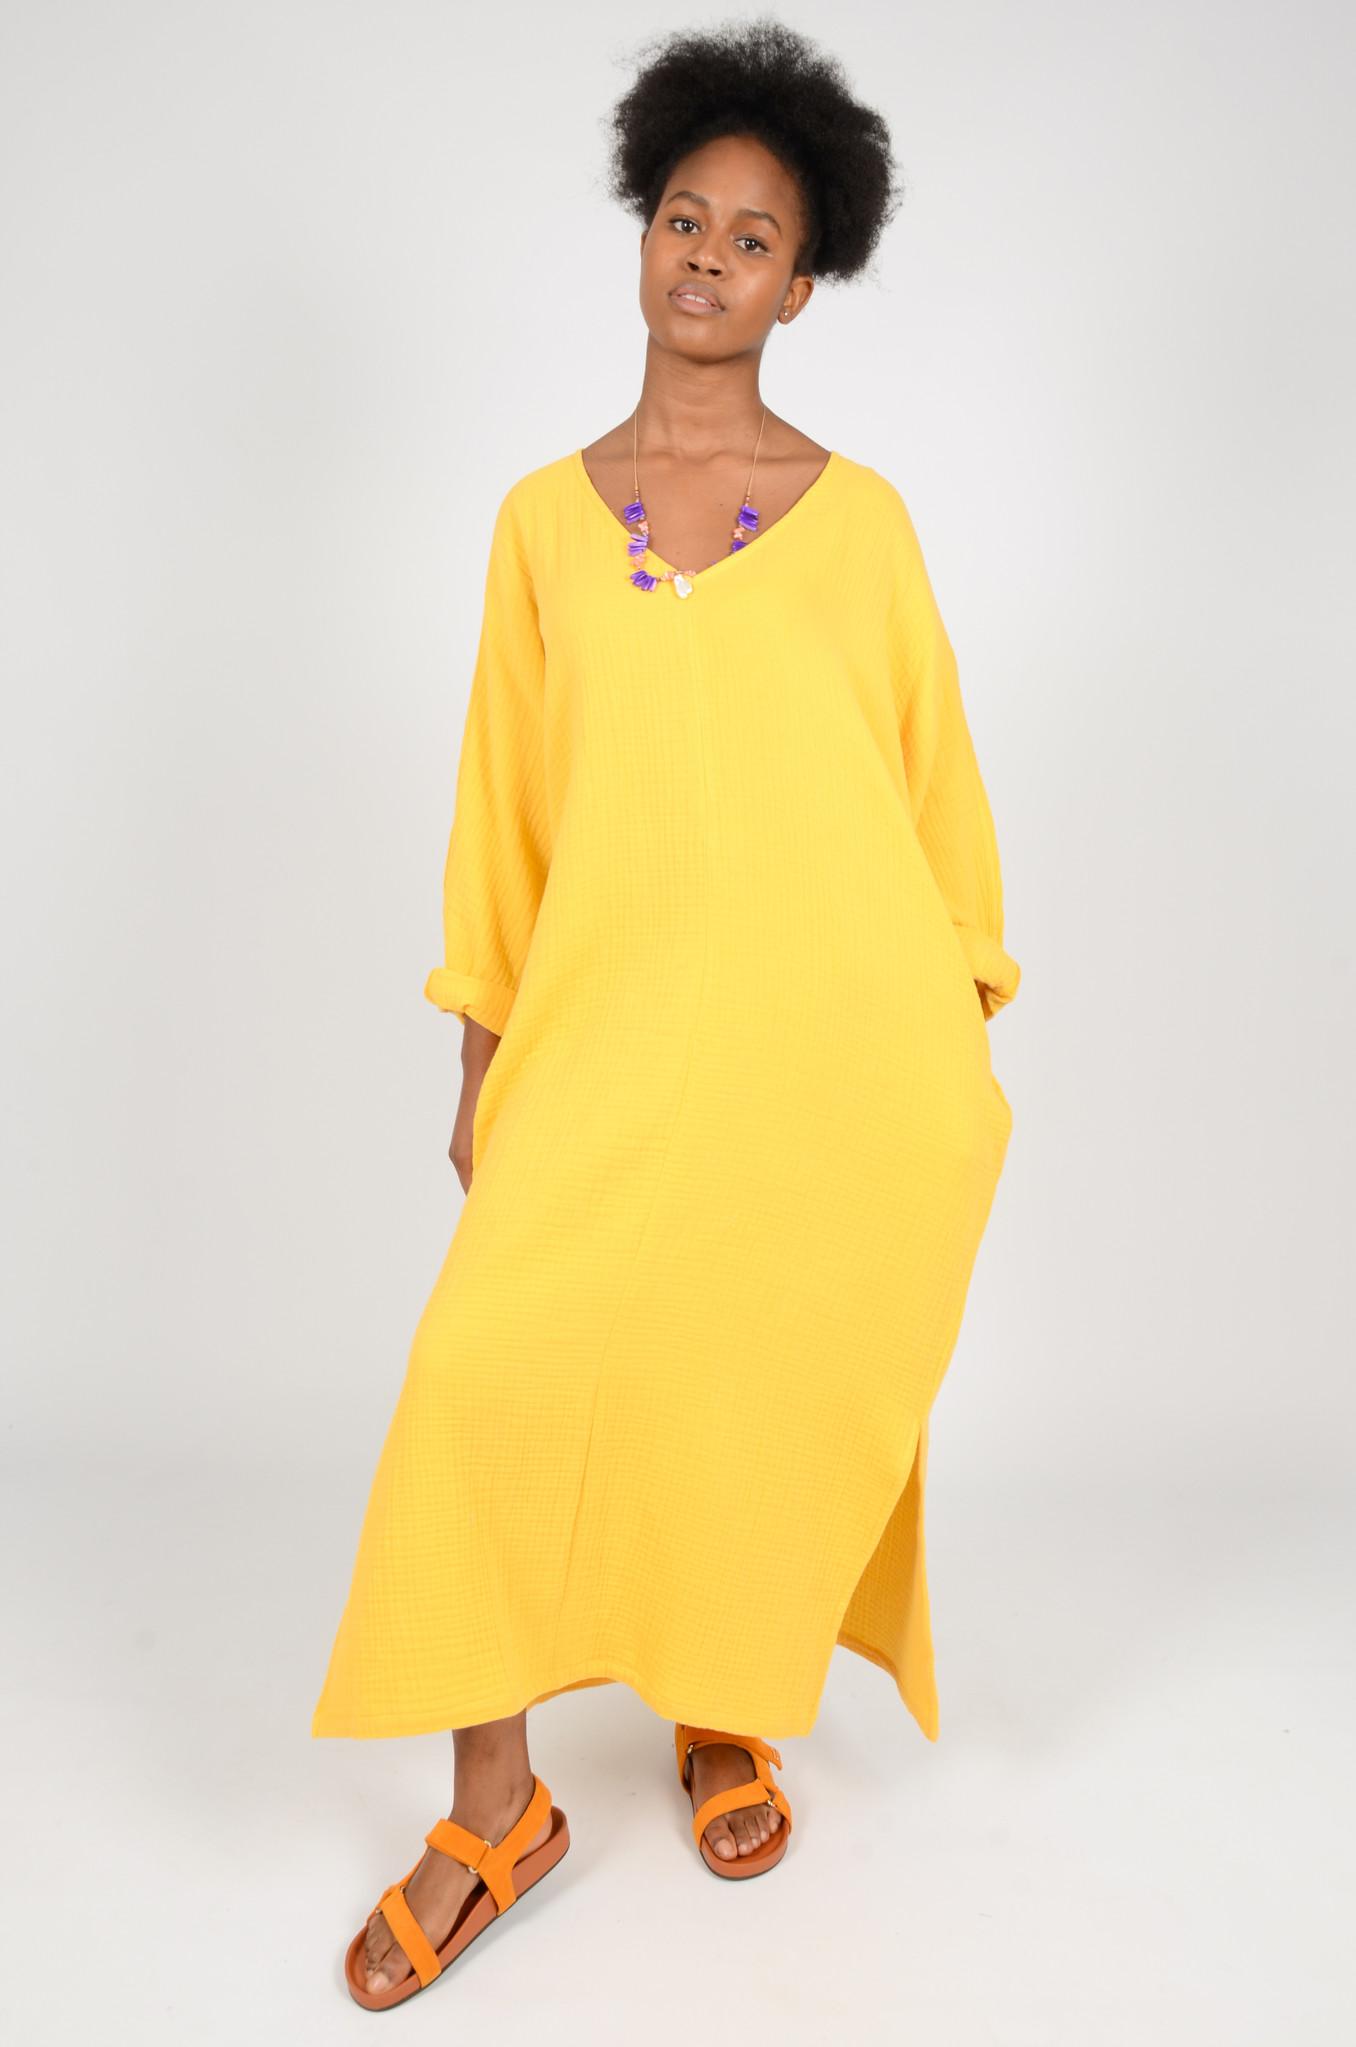 SONEVA DRESS IN BANANA YELLOW-5